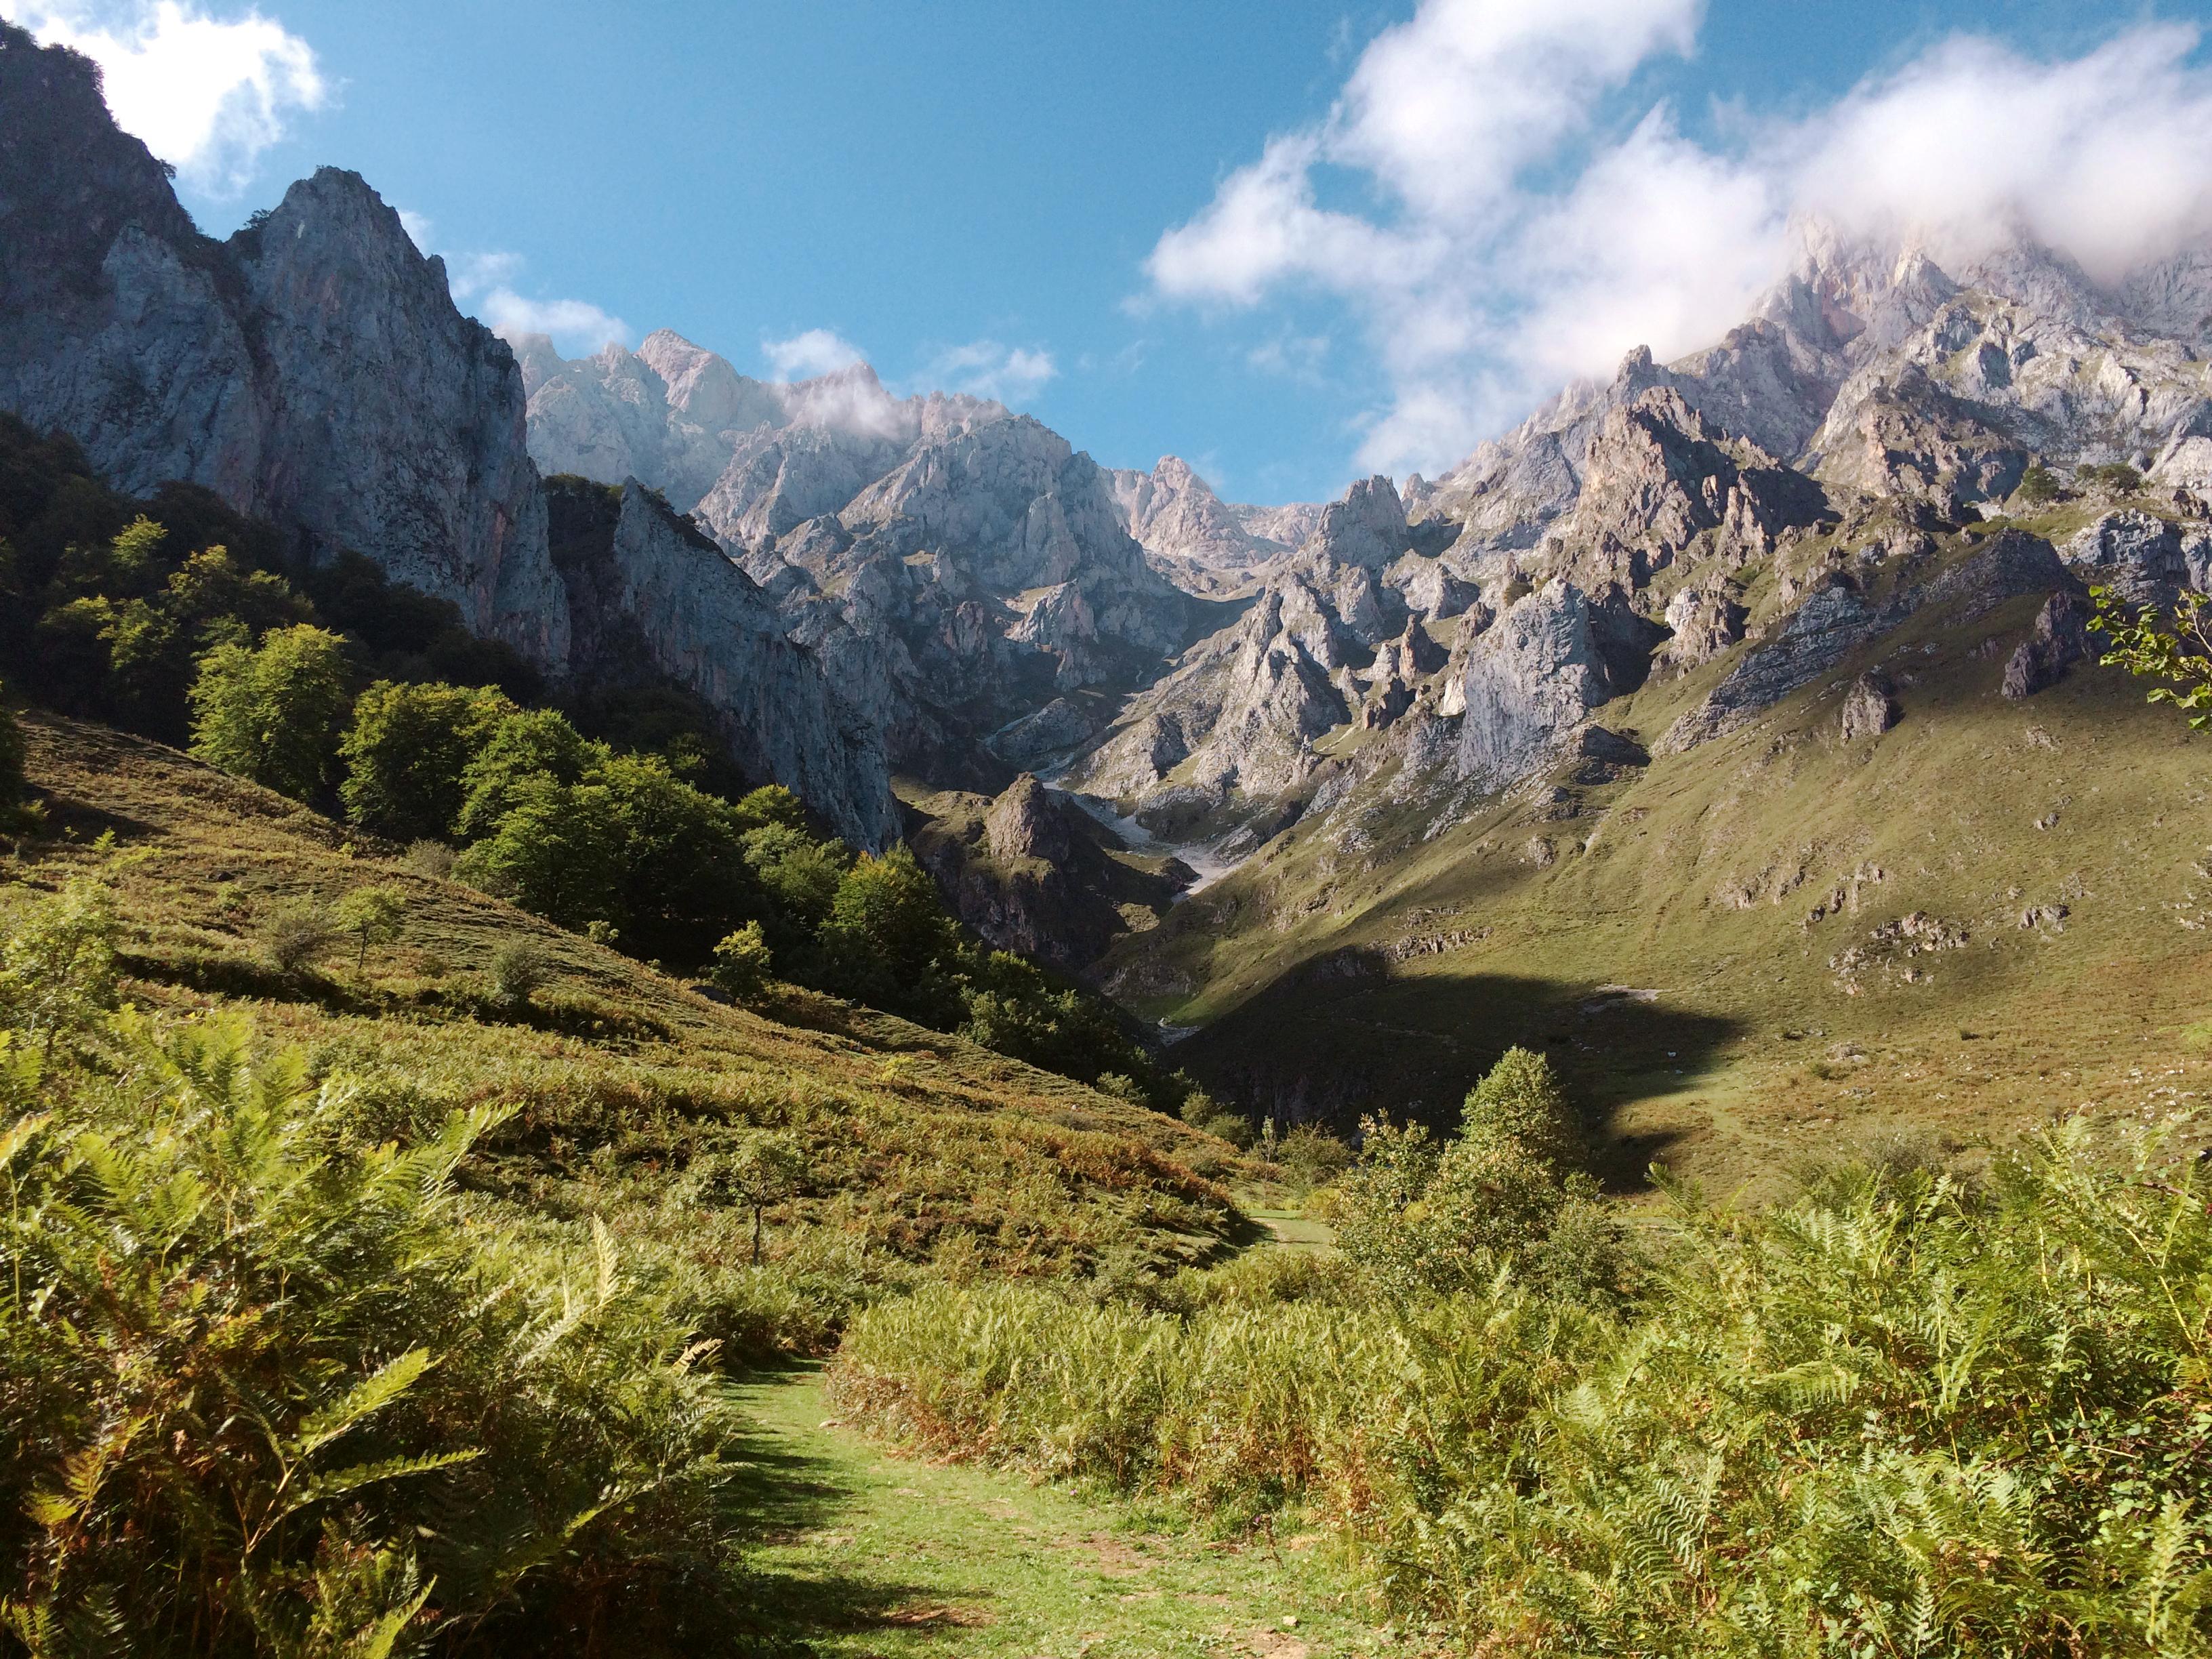 фото фото горная долина природа ранее